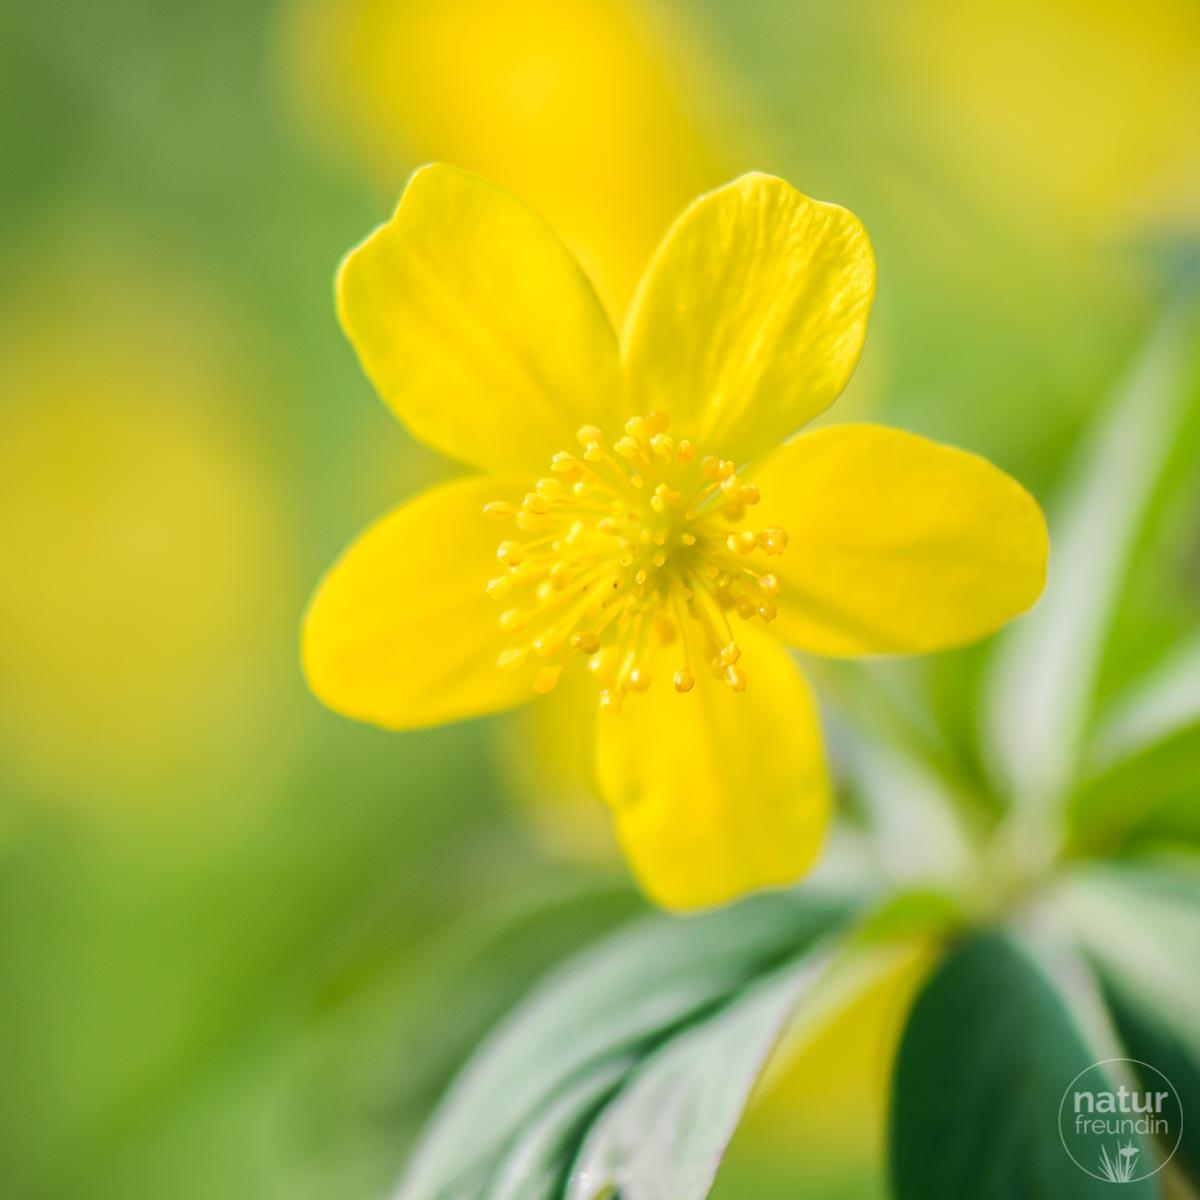 Gelbes Windröschen - ein sehr hübsches Motiv für deine Frühlingsfotos